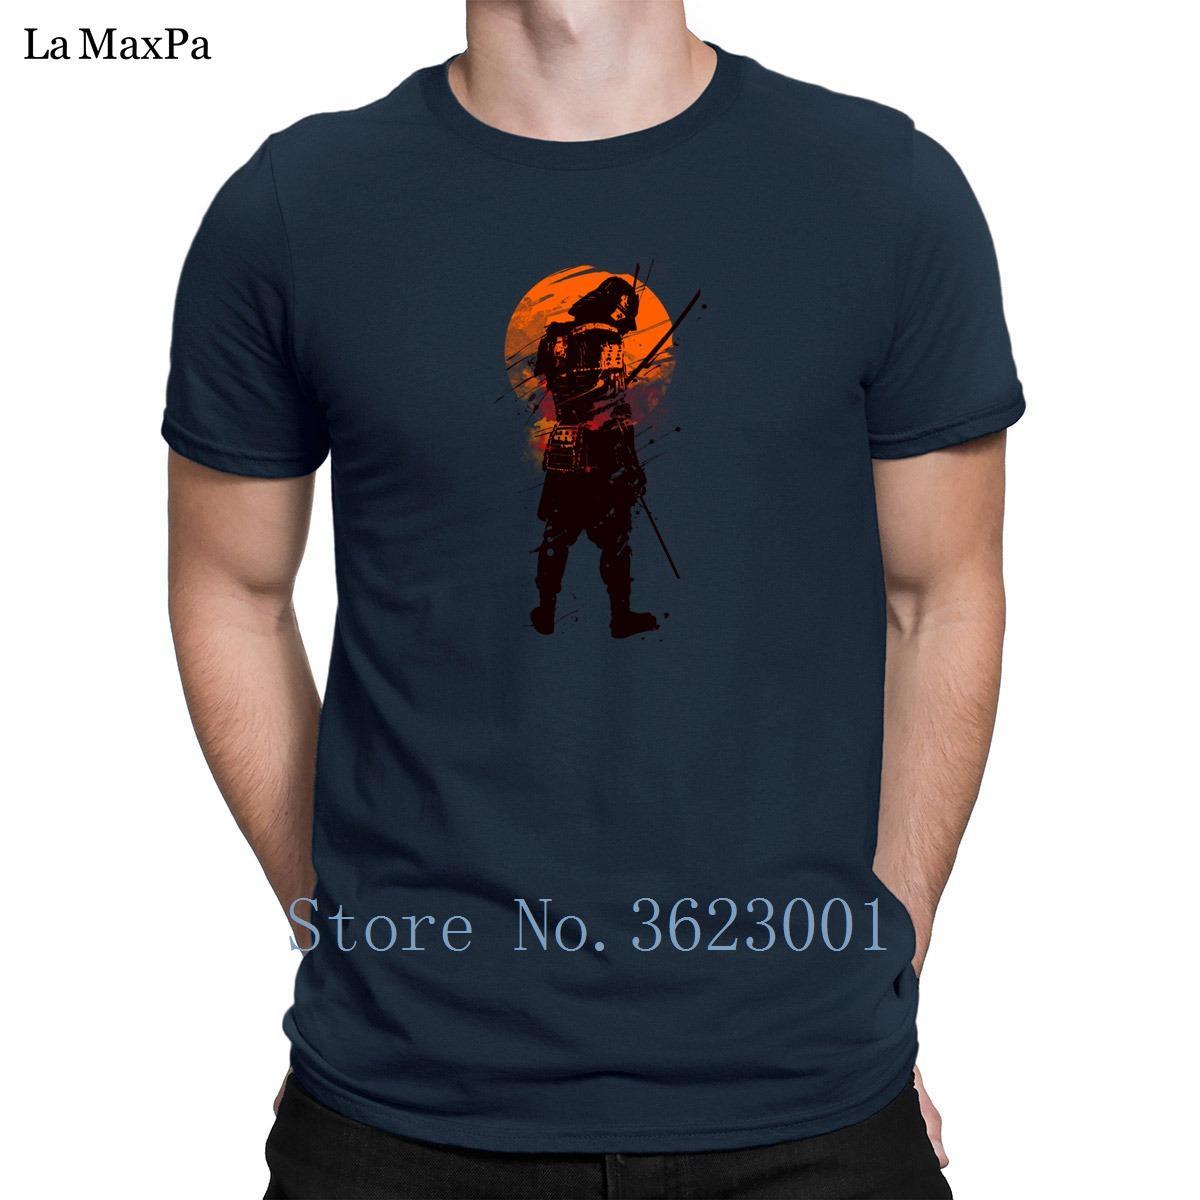 Tasarımları Gömme Tişörtlü Son Samuray Daimi T Gömlek Kısa Kollu Hiphop Man Doğal Man Gents Moda Tops